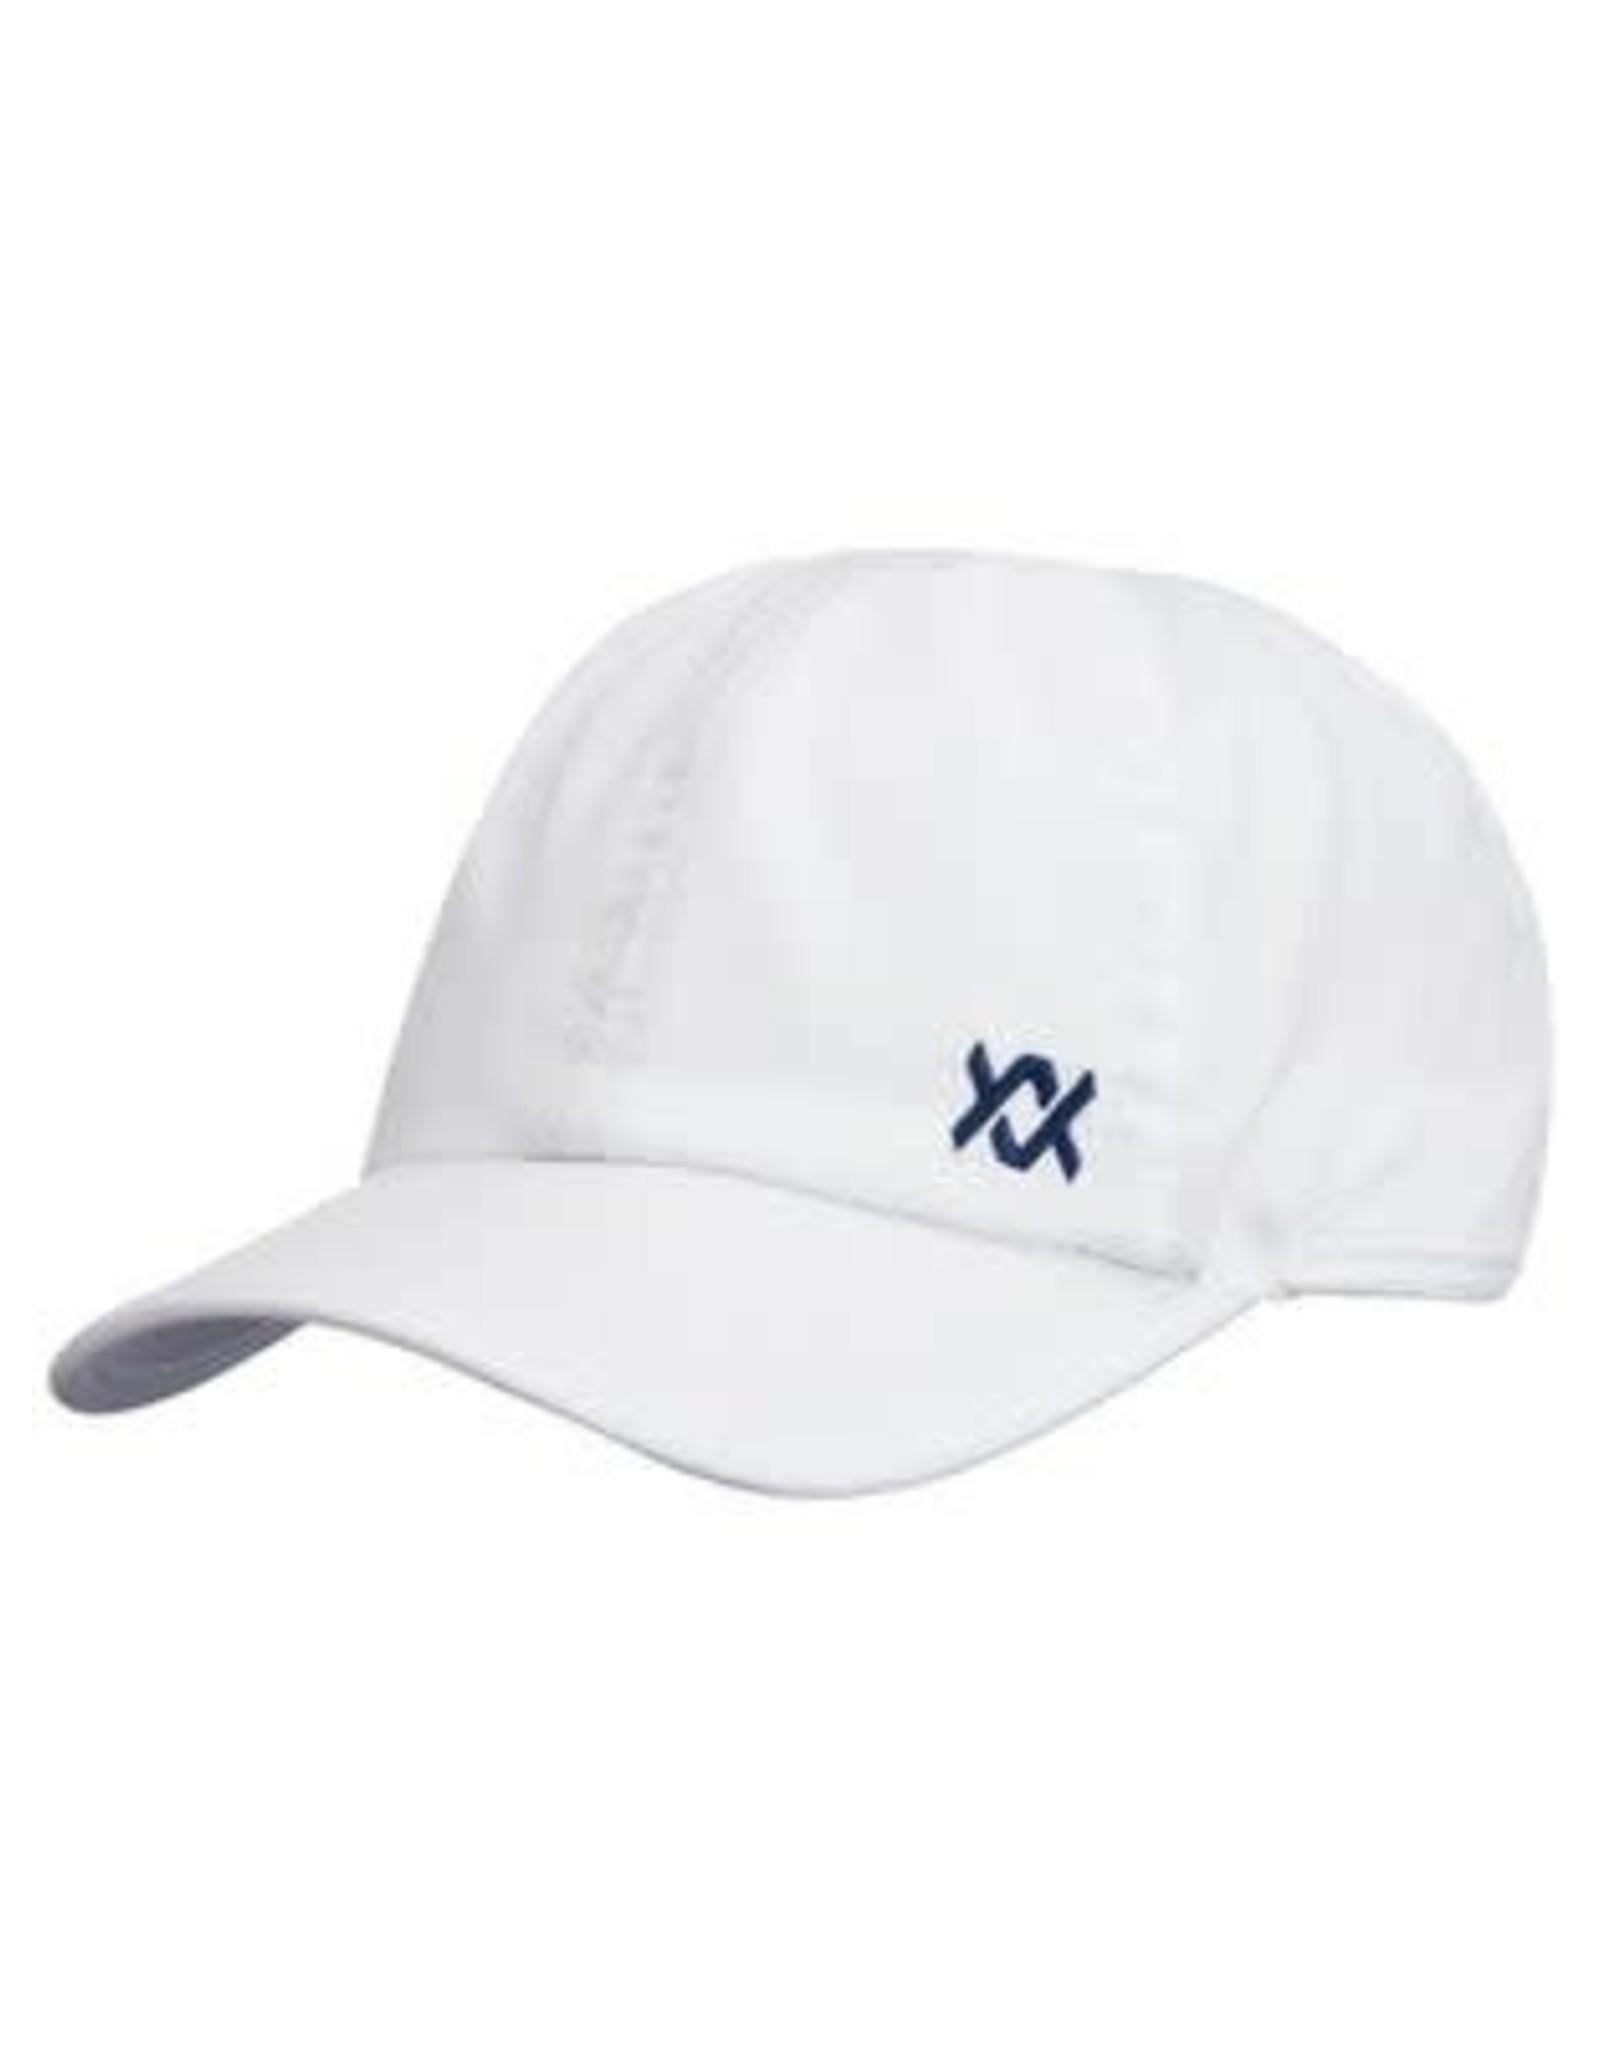 Volkl Perf Hat Small Logo (White/Navy)